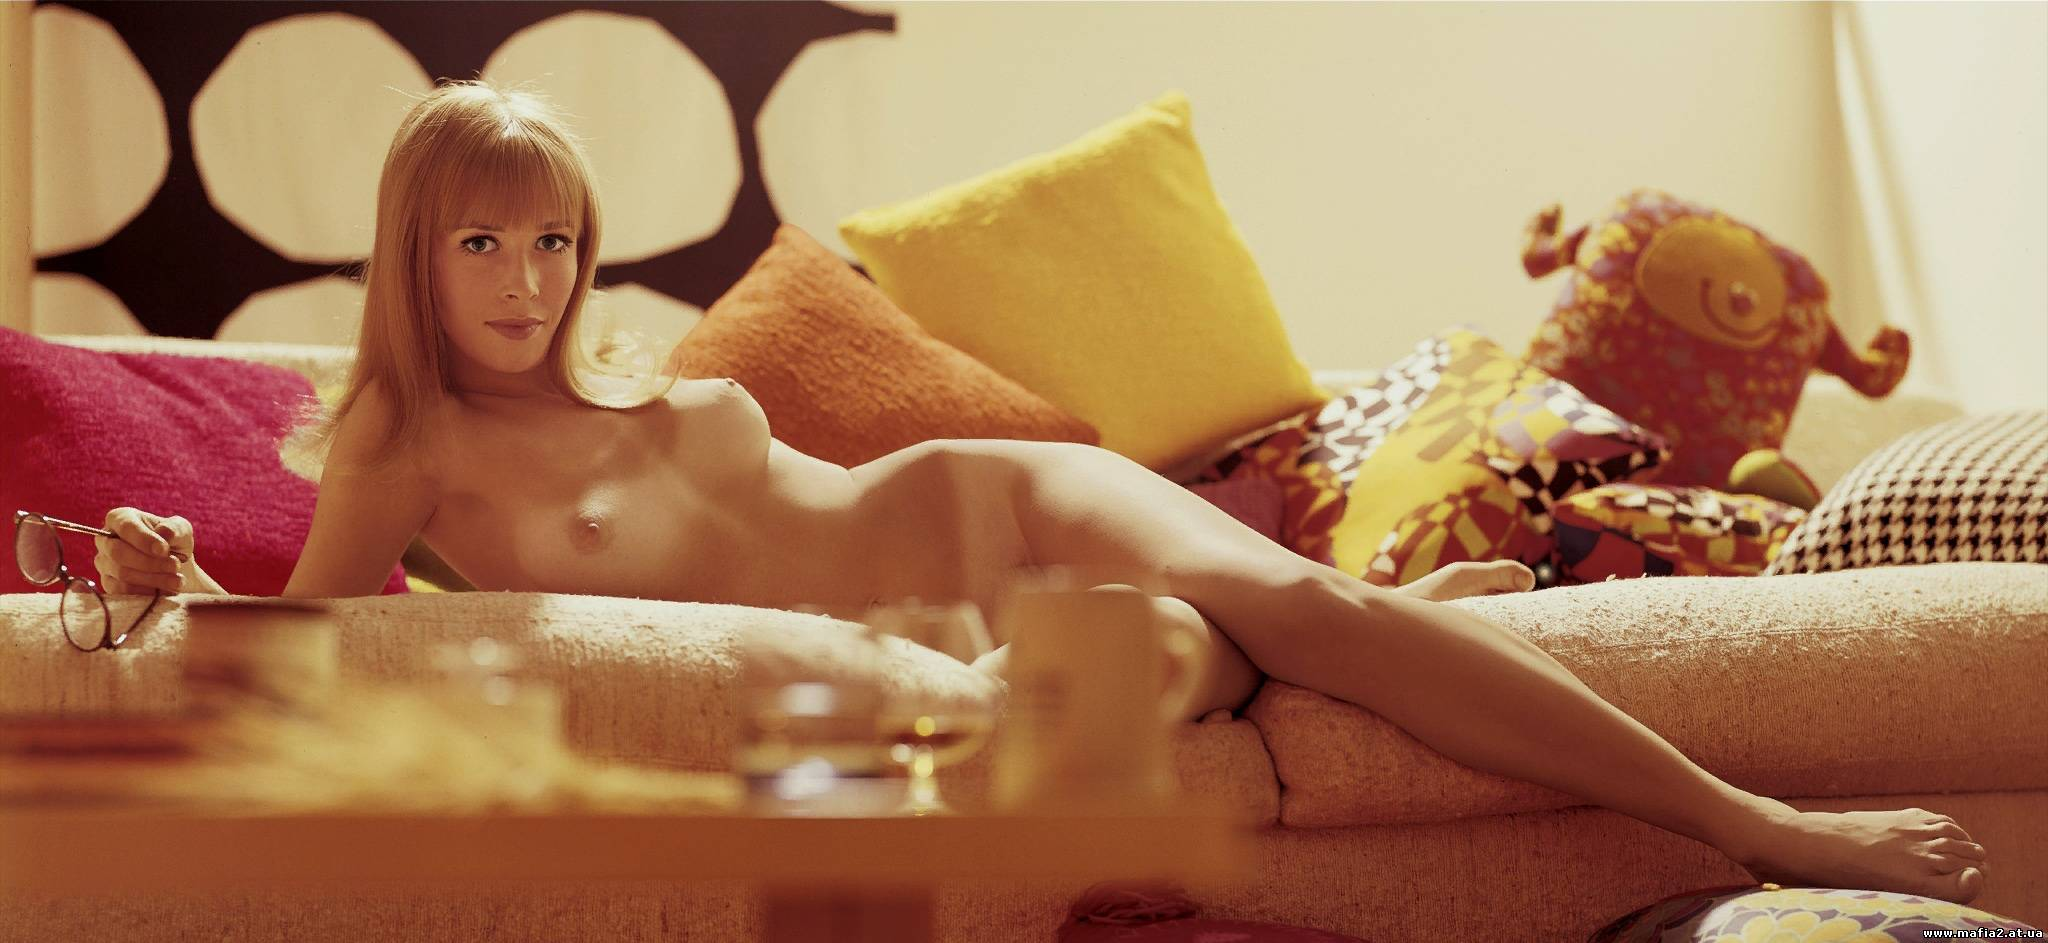 Фото сексуальных женщин за 50 лет 12 фотография